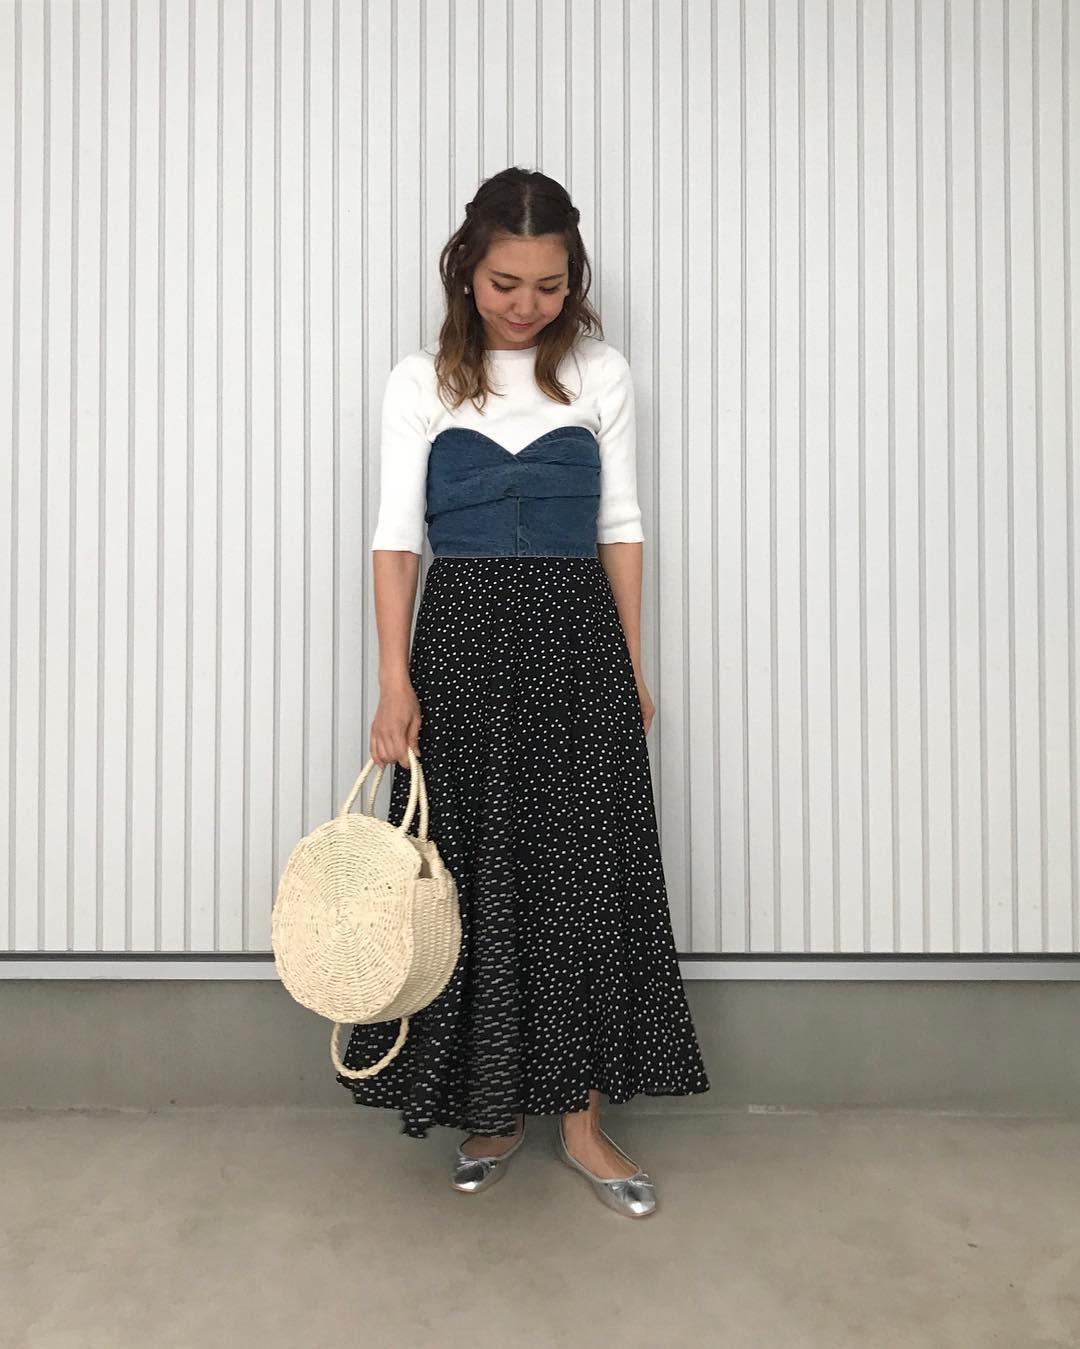 どんなファッションにも馴染む素材感 natsu420